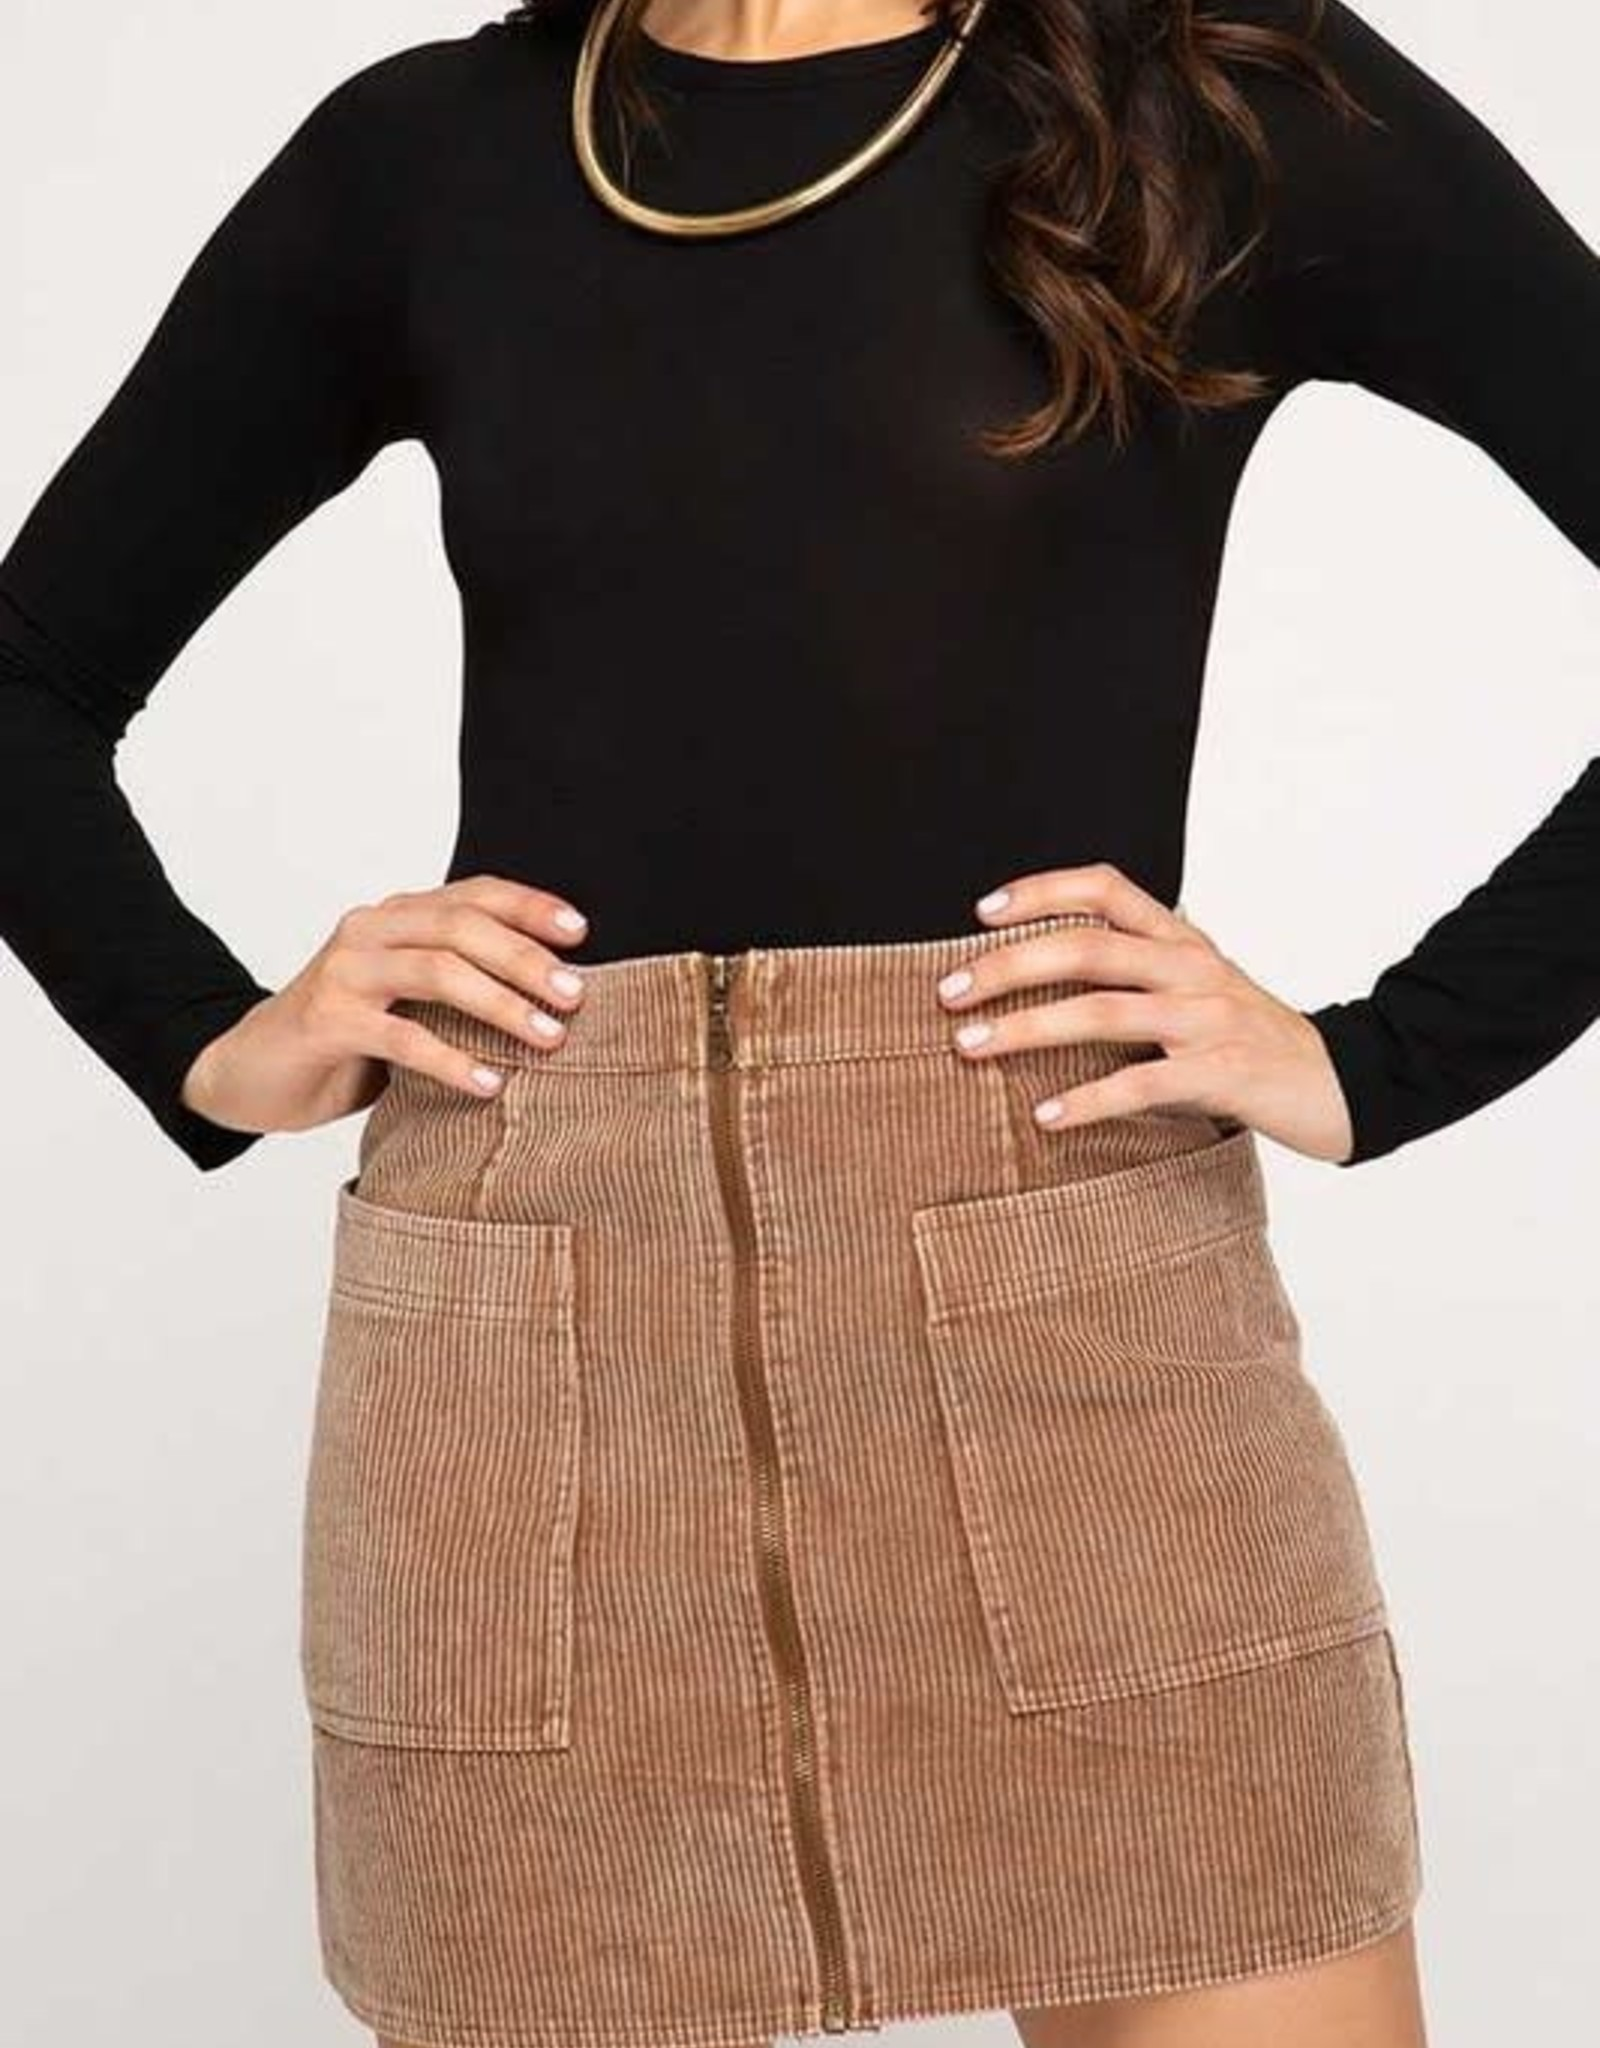 Heart Desires Skirt